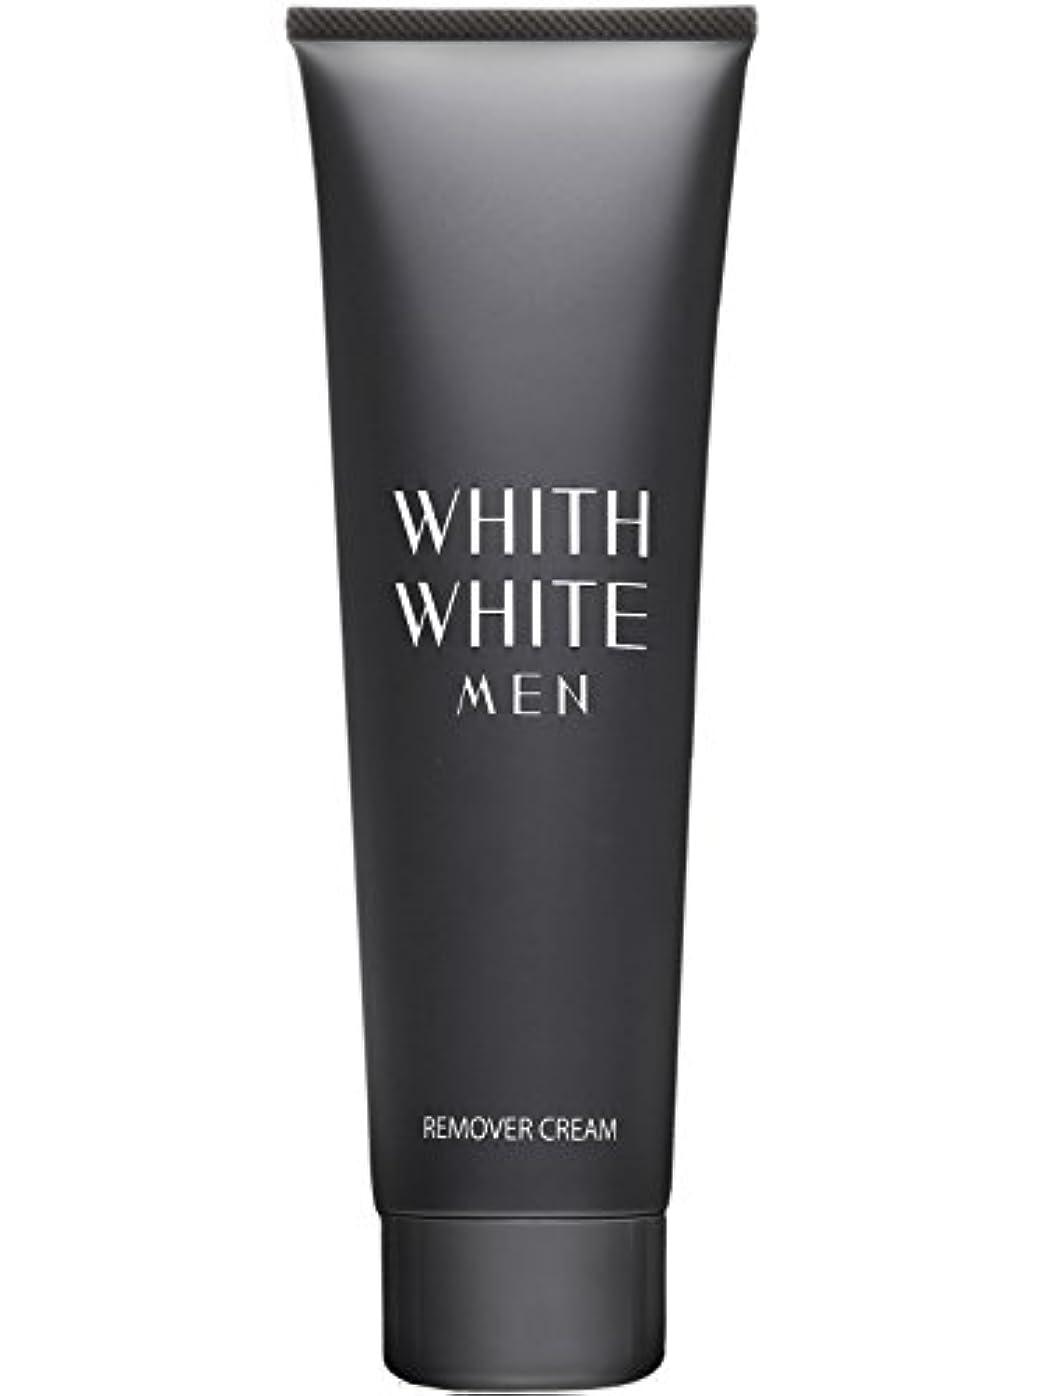 機密醸造所スタウト医薬部外品 フィス ホワイト メンズ 除毛クリーム リムーバークリーム 陰部 使用可能 210g